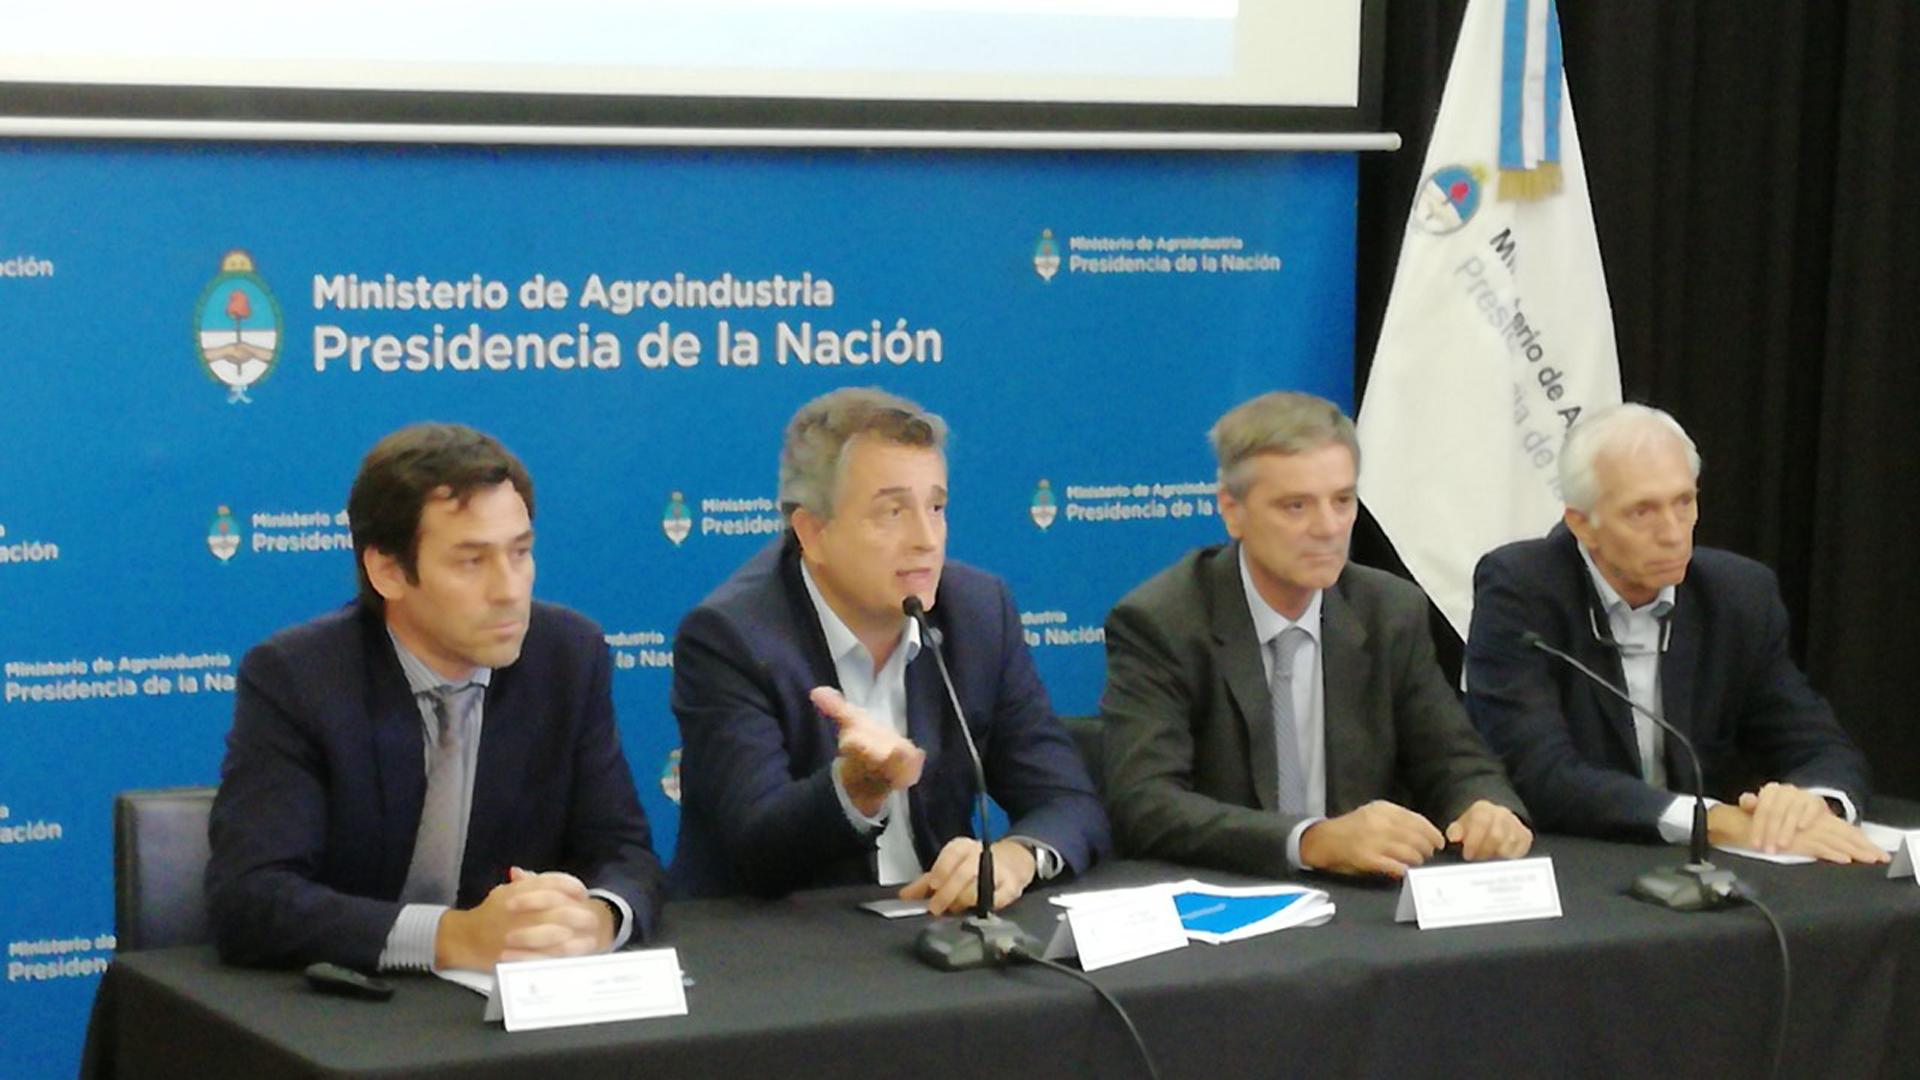 Agroindustria se comprometió a informar una vez por mes el avance en la producción de granos. En junio se conocerá el número definitivo de la campaña gruesa.